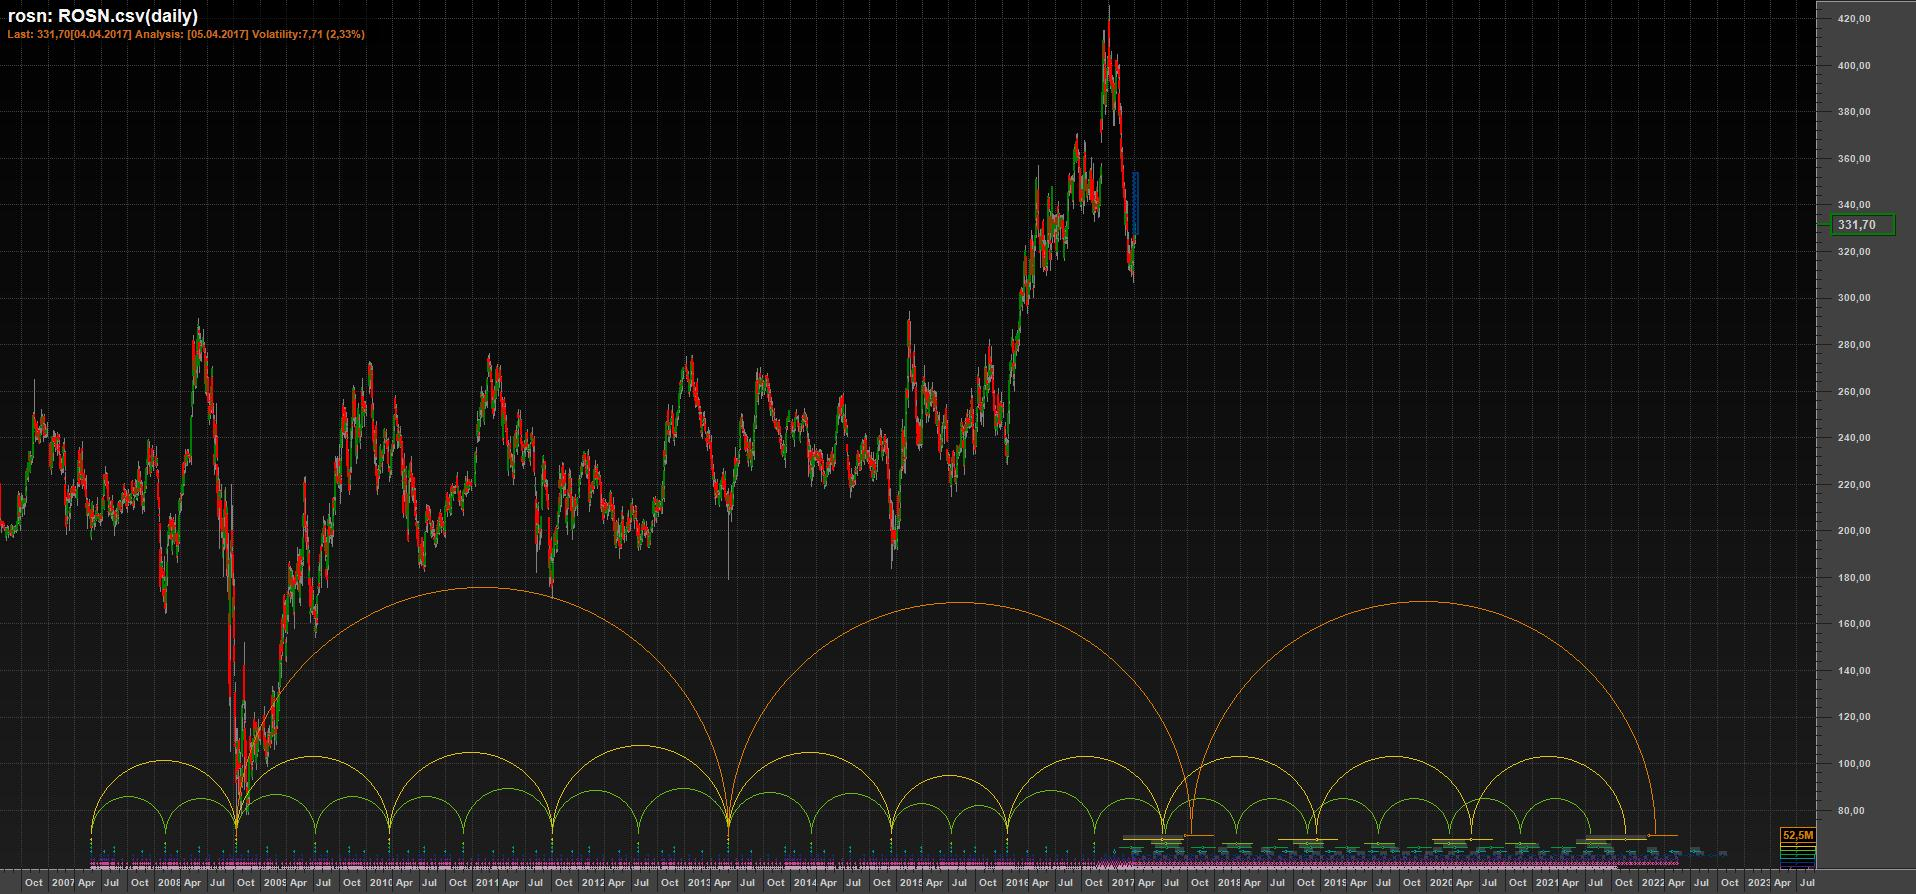 Временной анализ акций Роснефти на 4 апреля 2017